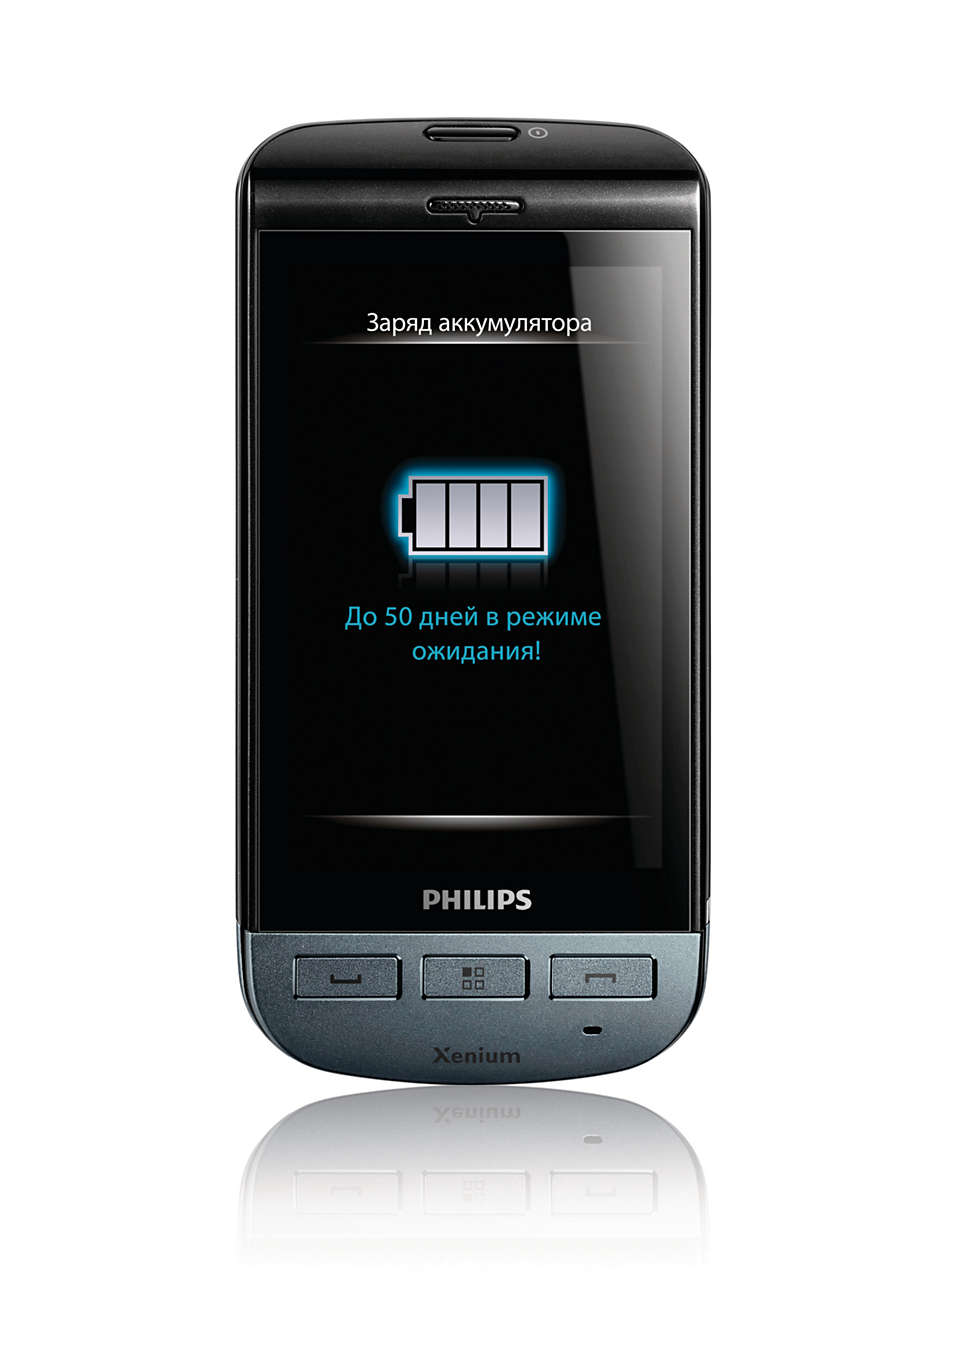 Сенсорный экран, удобный интерфейс